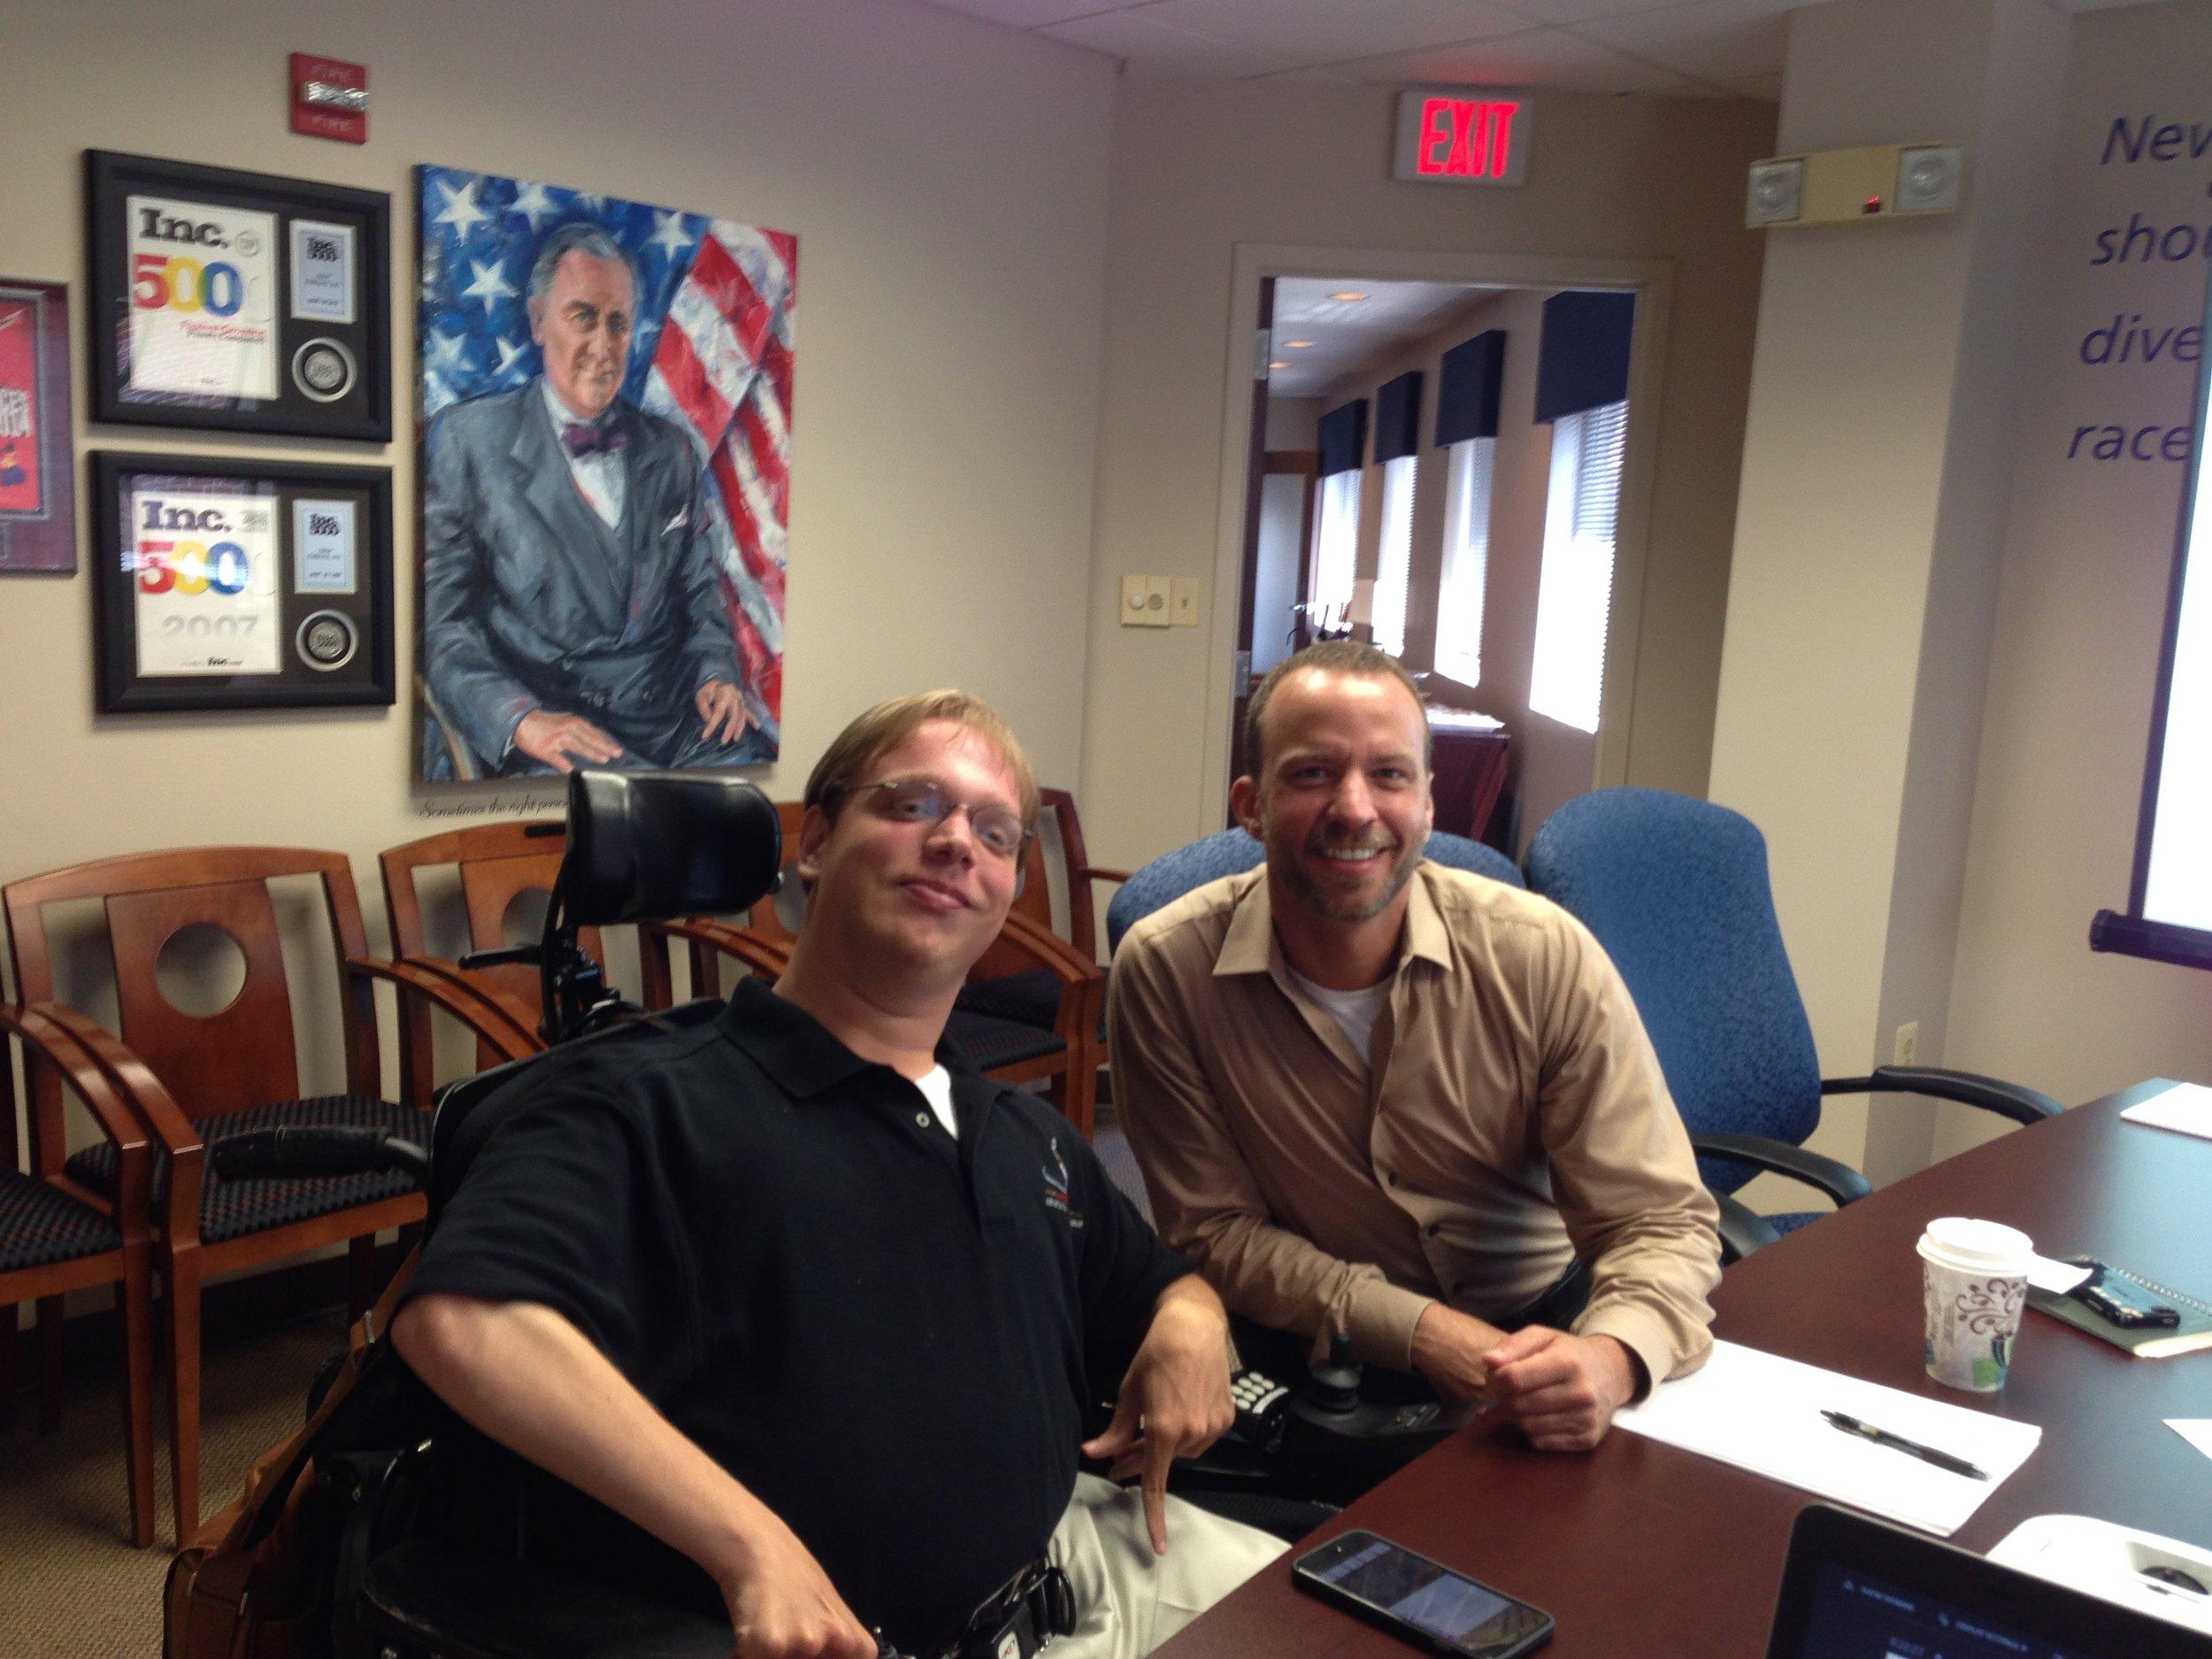 Matthew Shapiro with a business associate.